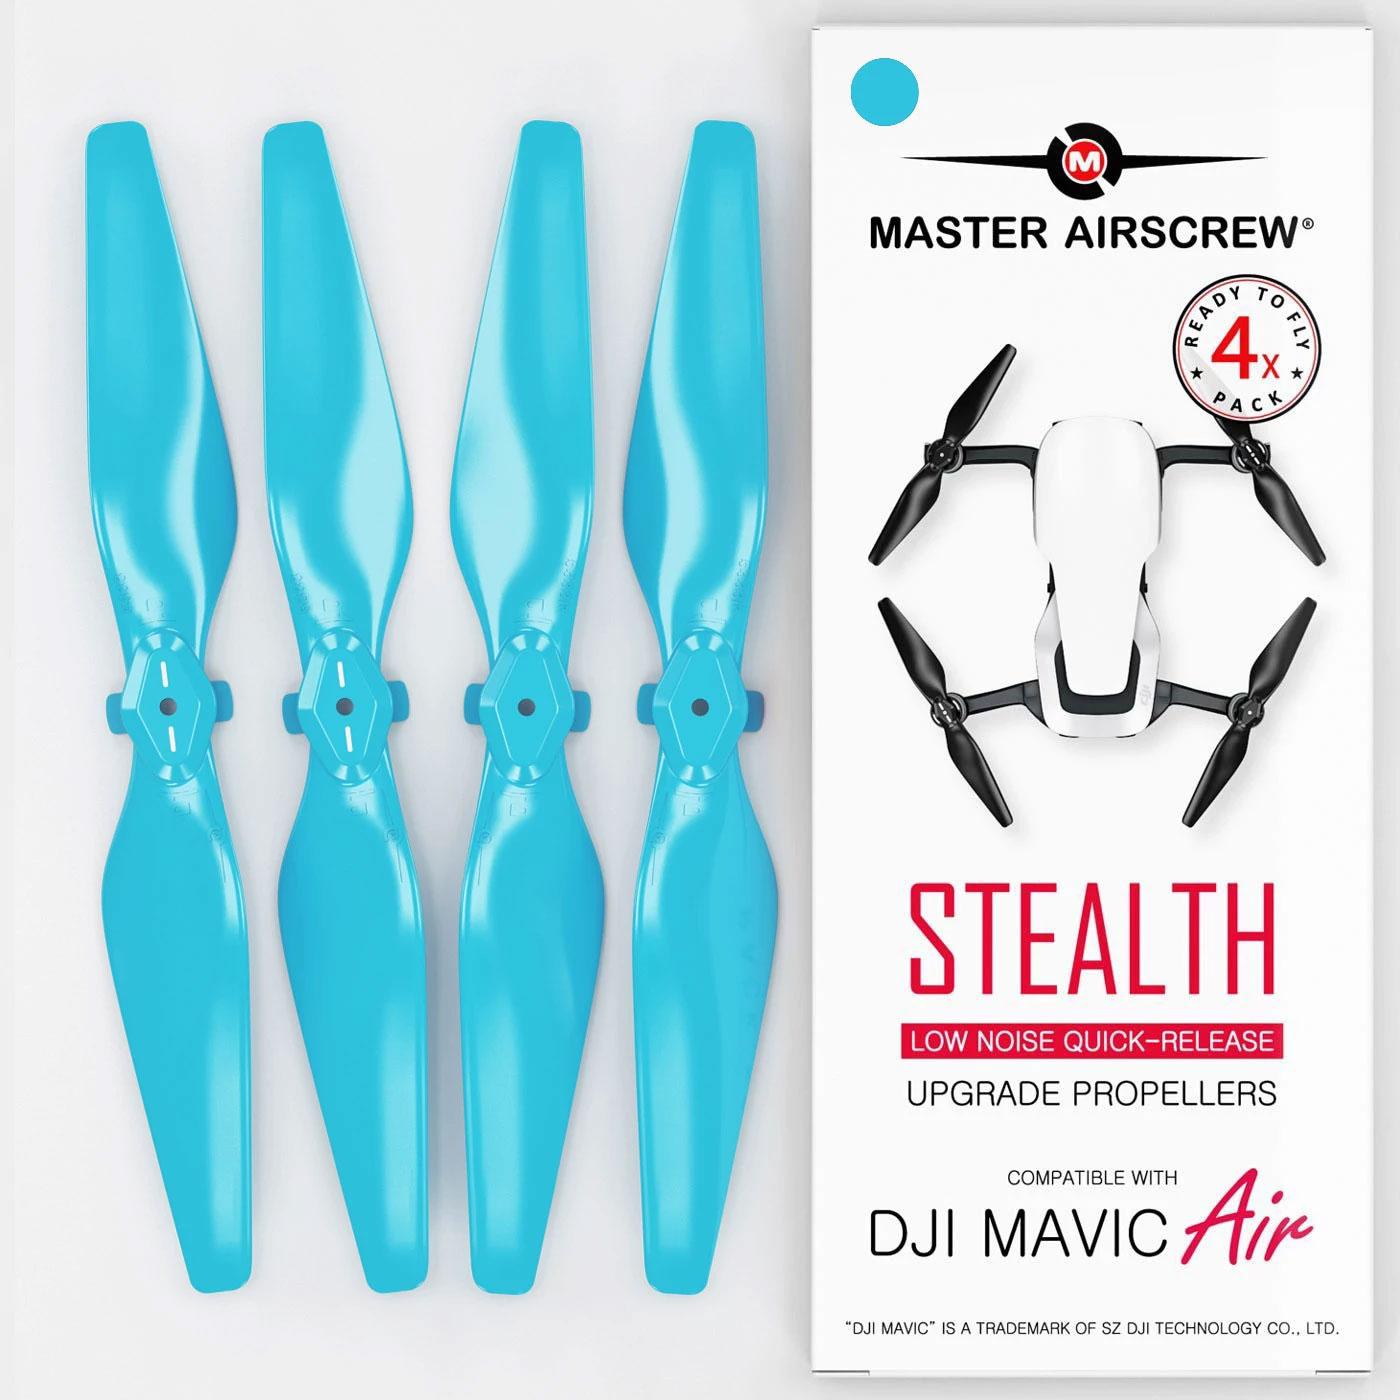 MA DJI Mavic Air用 STEALTHアップグレード・プロペラV2 5.3x3.3 (青)4本セットの大画像